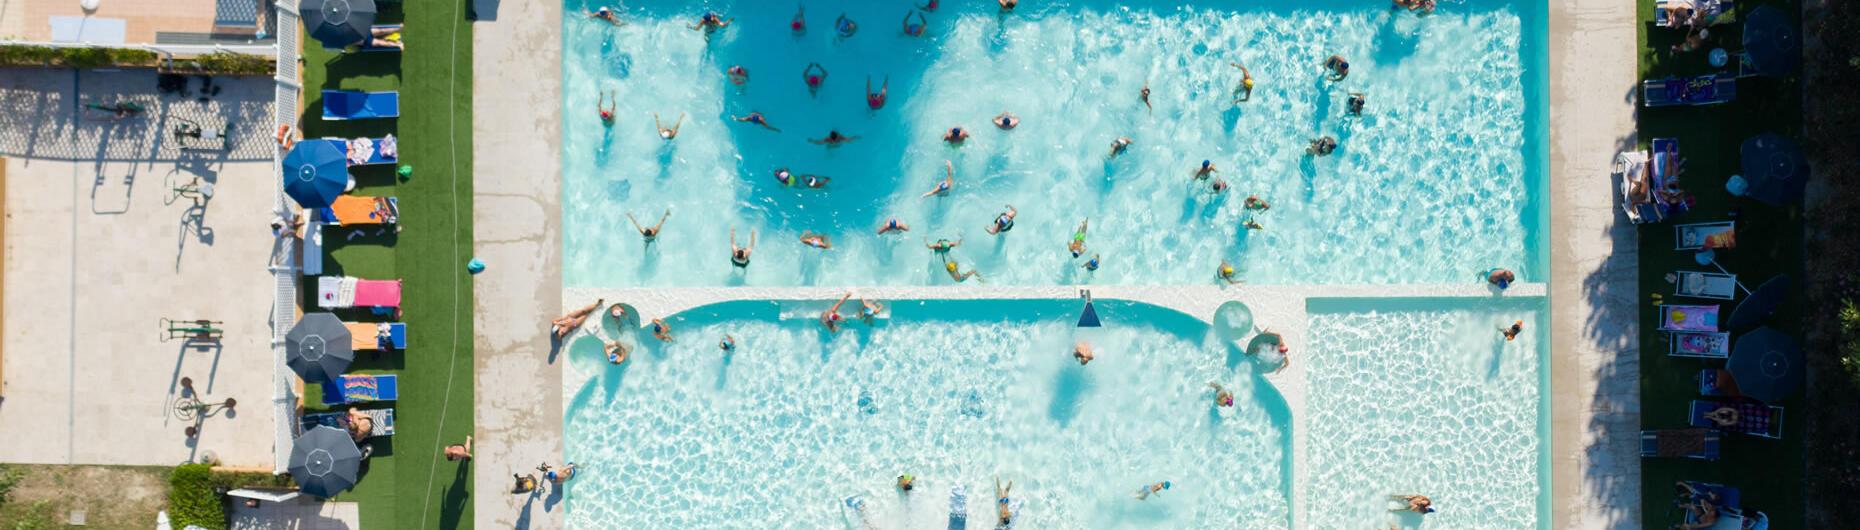 vacanzespinnaker it campeggio-con-piscina-marche 004